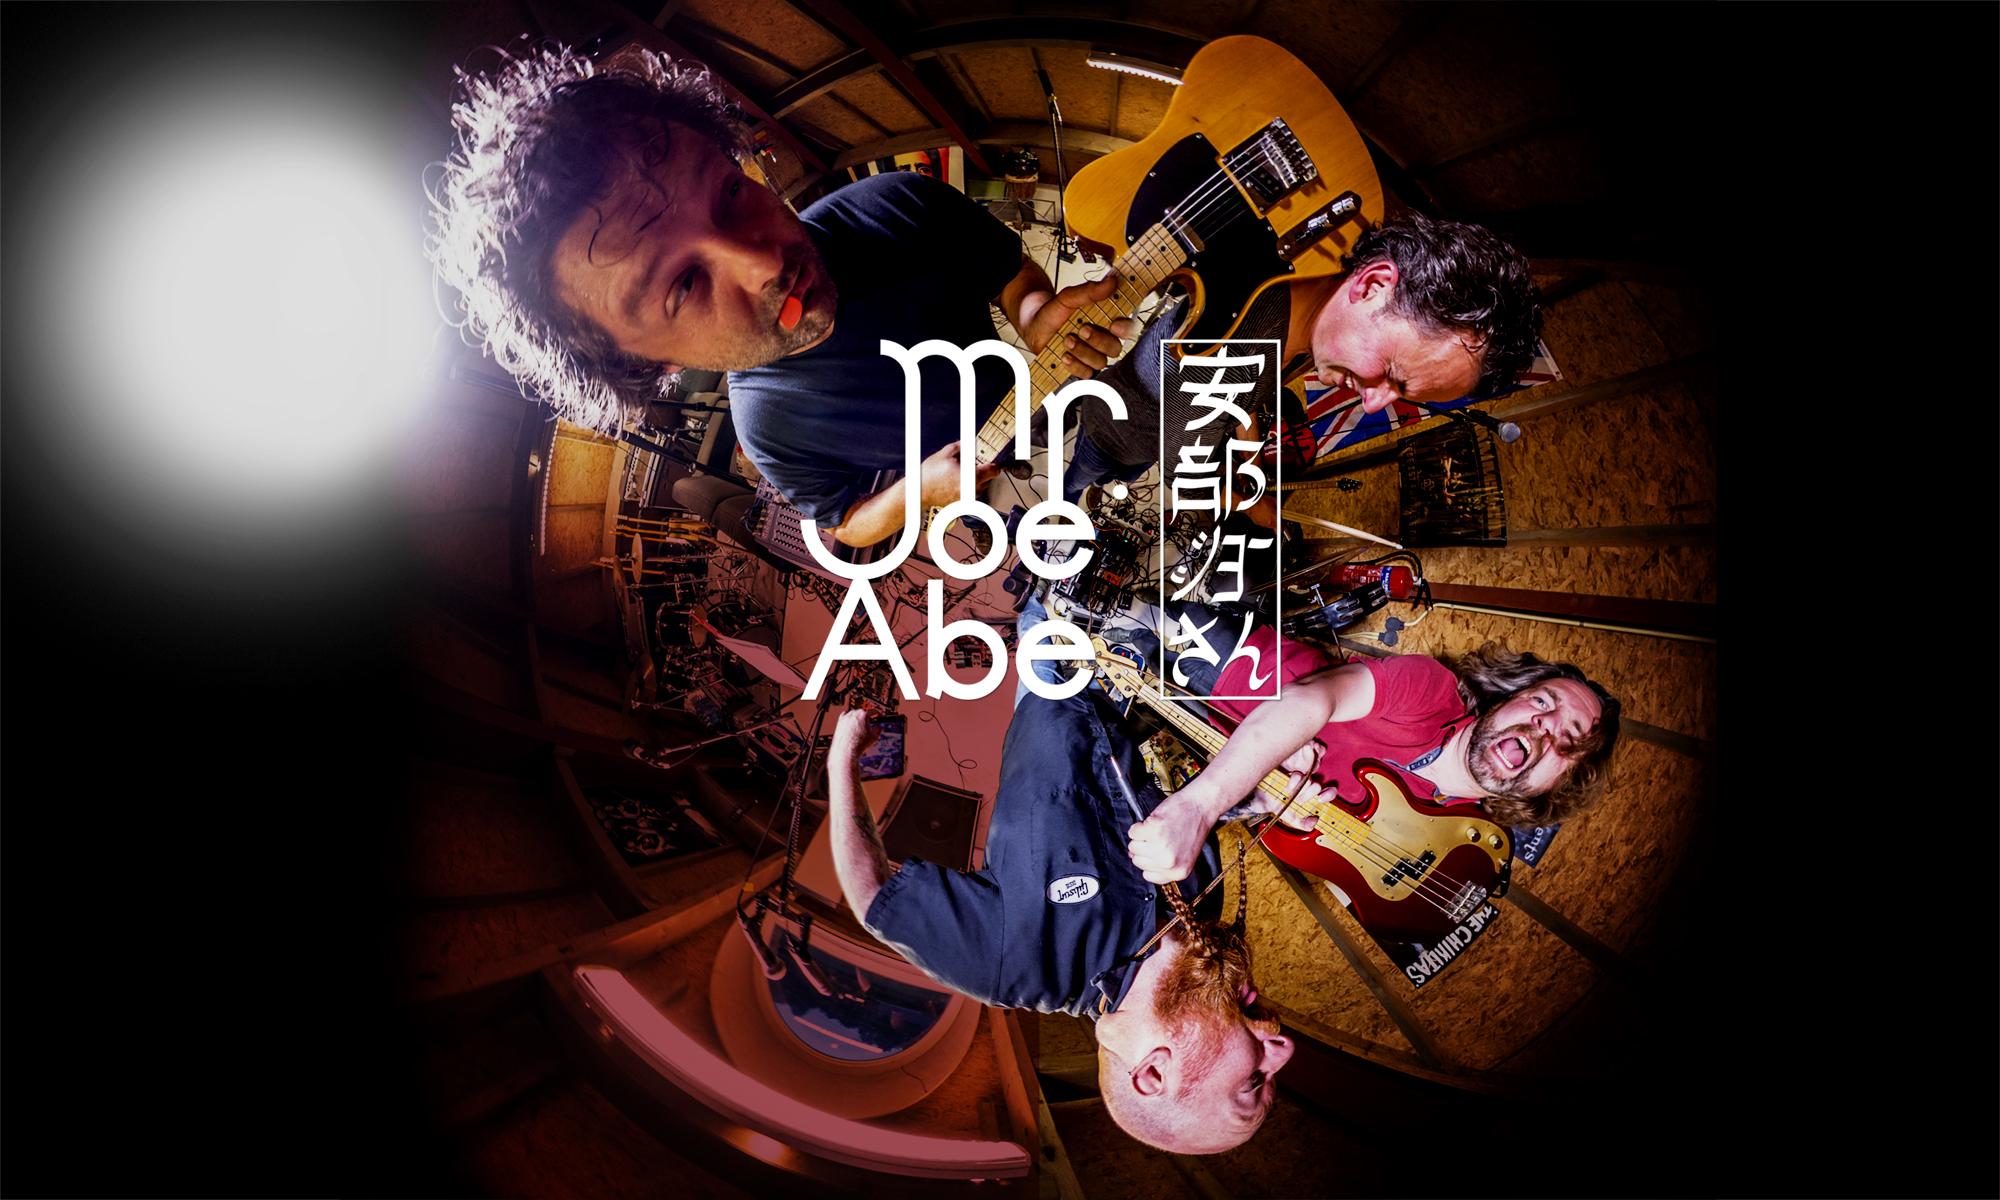 Mr. Joe Abe